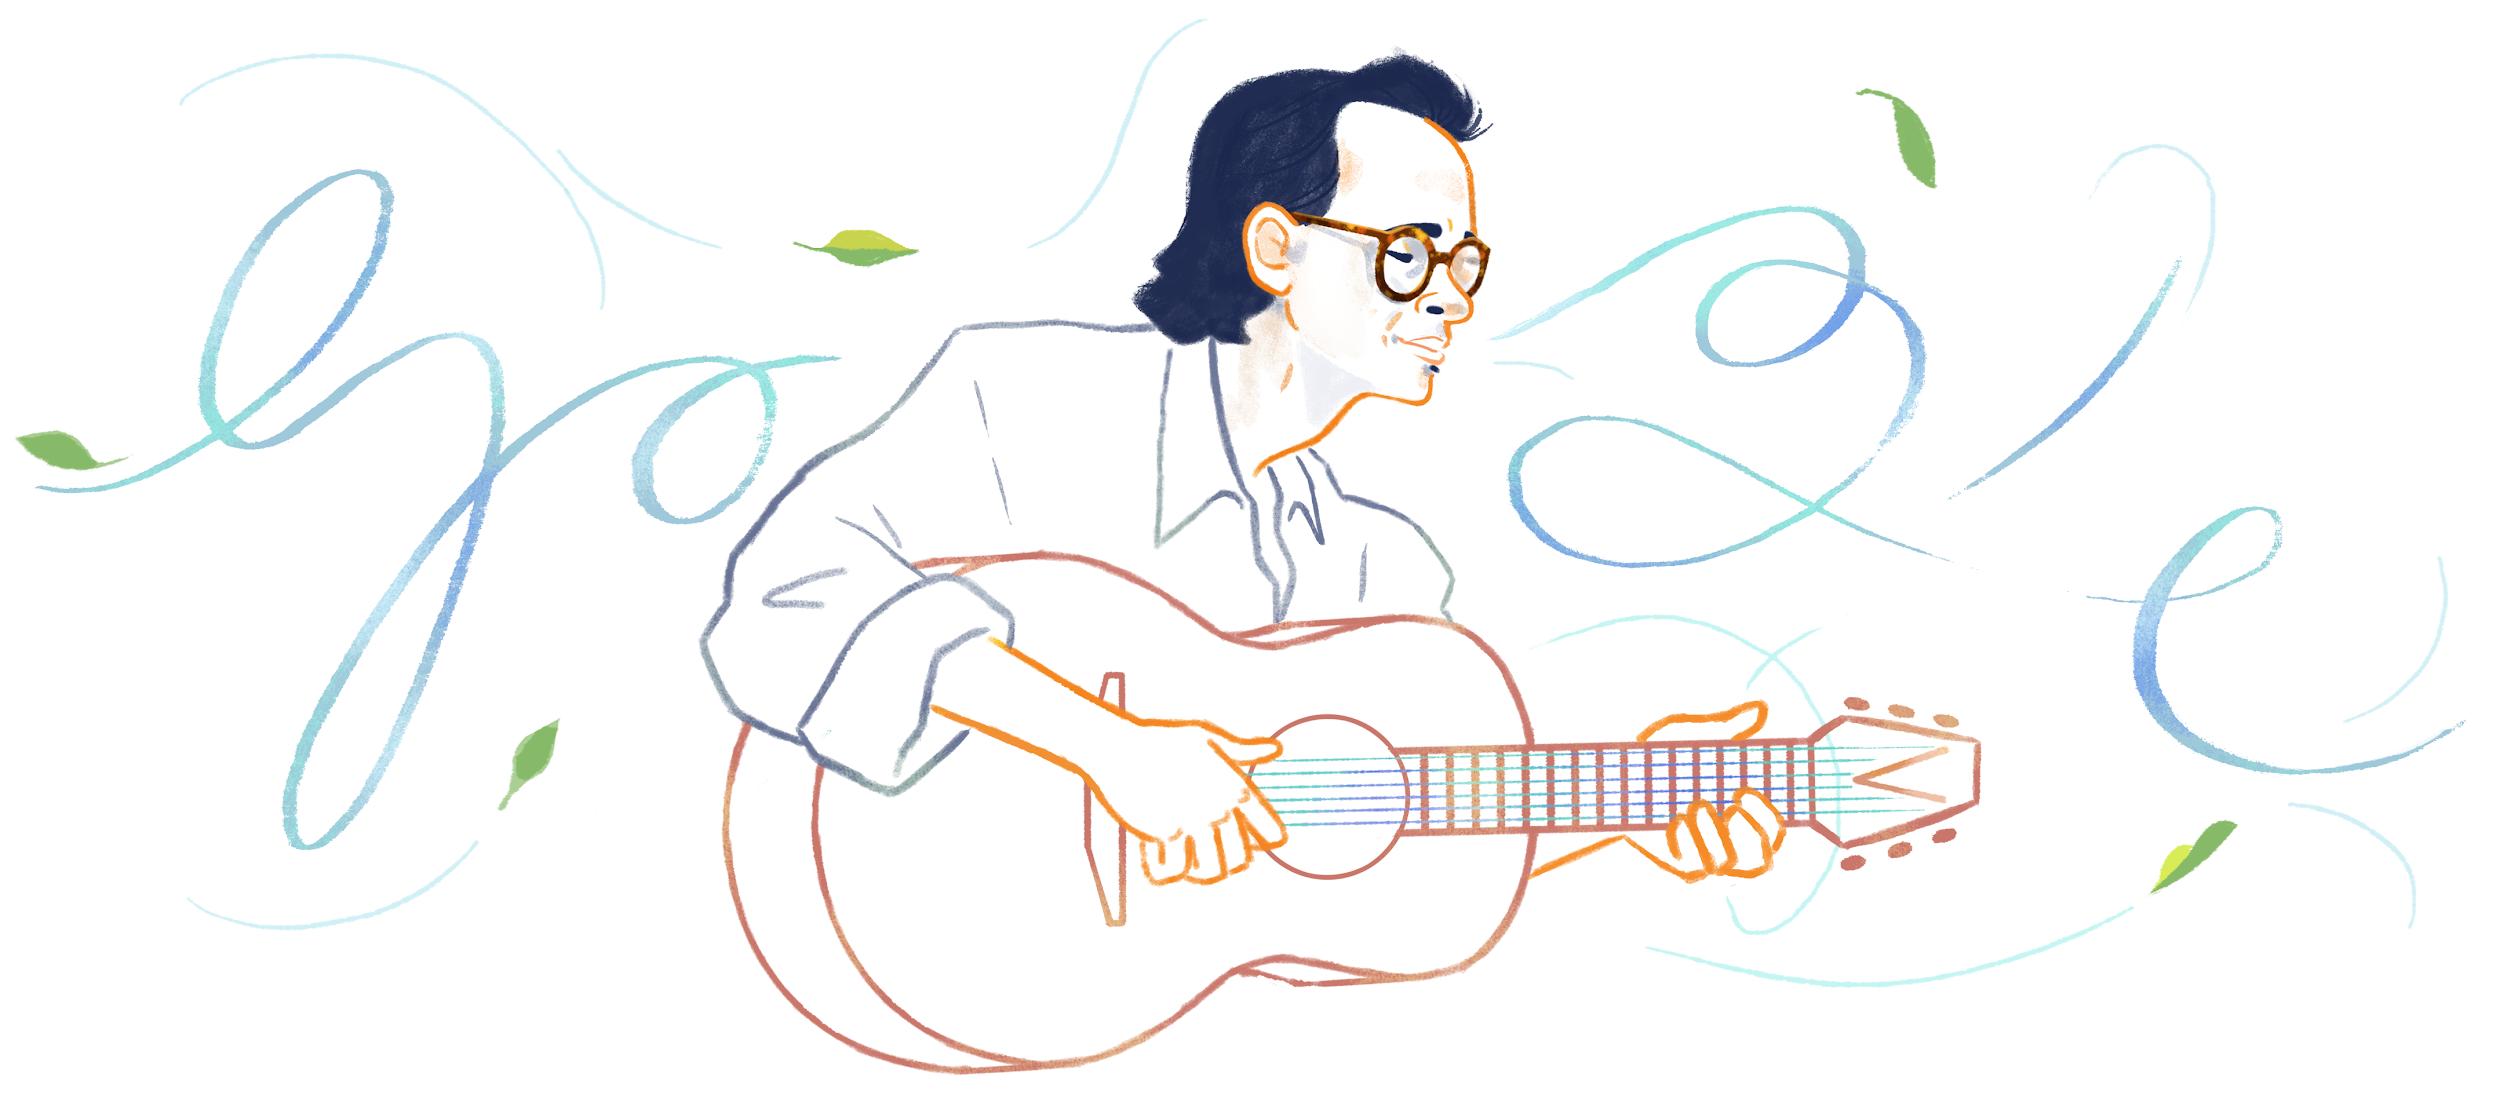 Nhạc sĩ Trịnh Công Sơn, nghệ sĩ Việt Nam đầu tiên được tôn vinh trên trang chủ Google